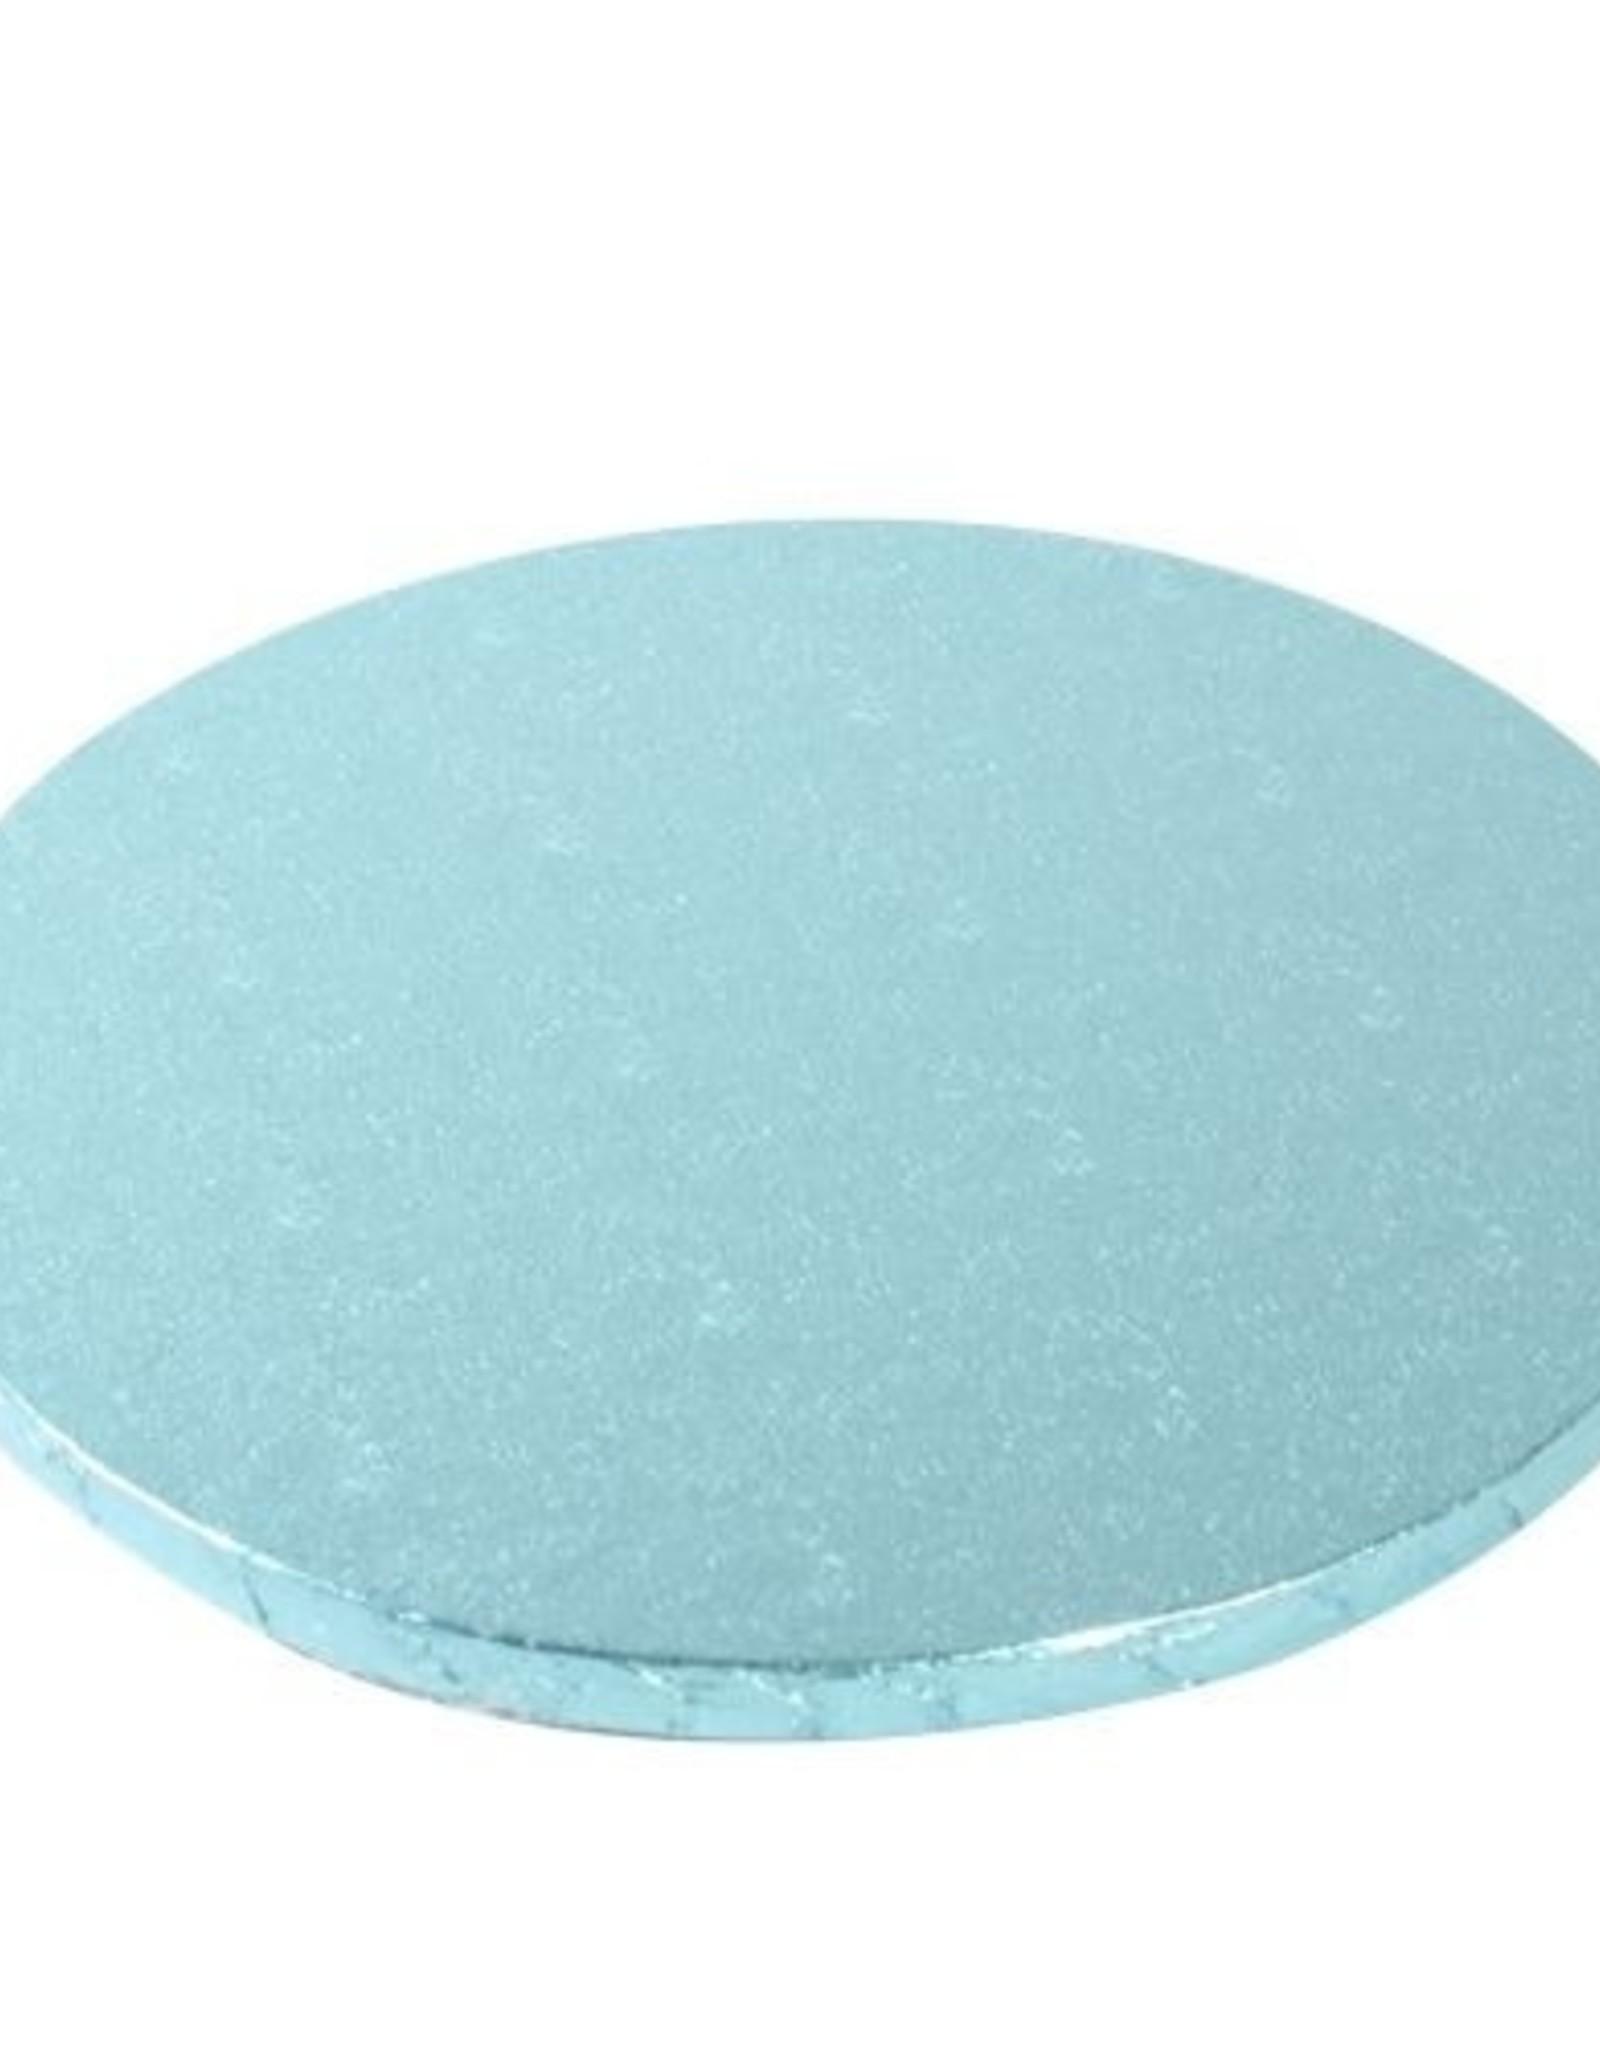 Cake Drum Rond Ø30,5cm Baby Blauw